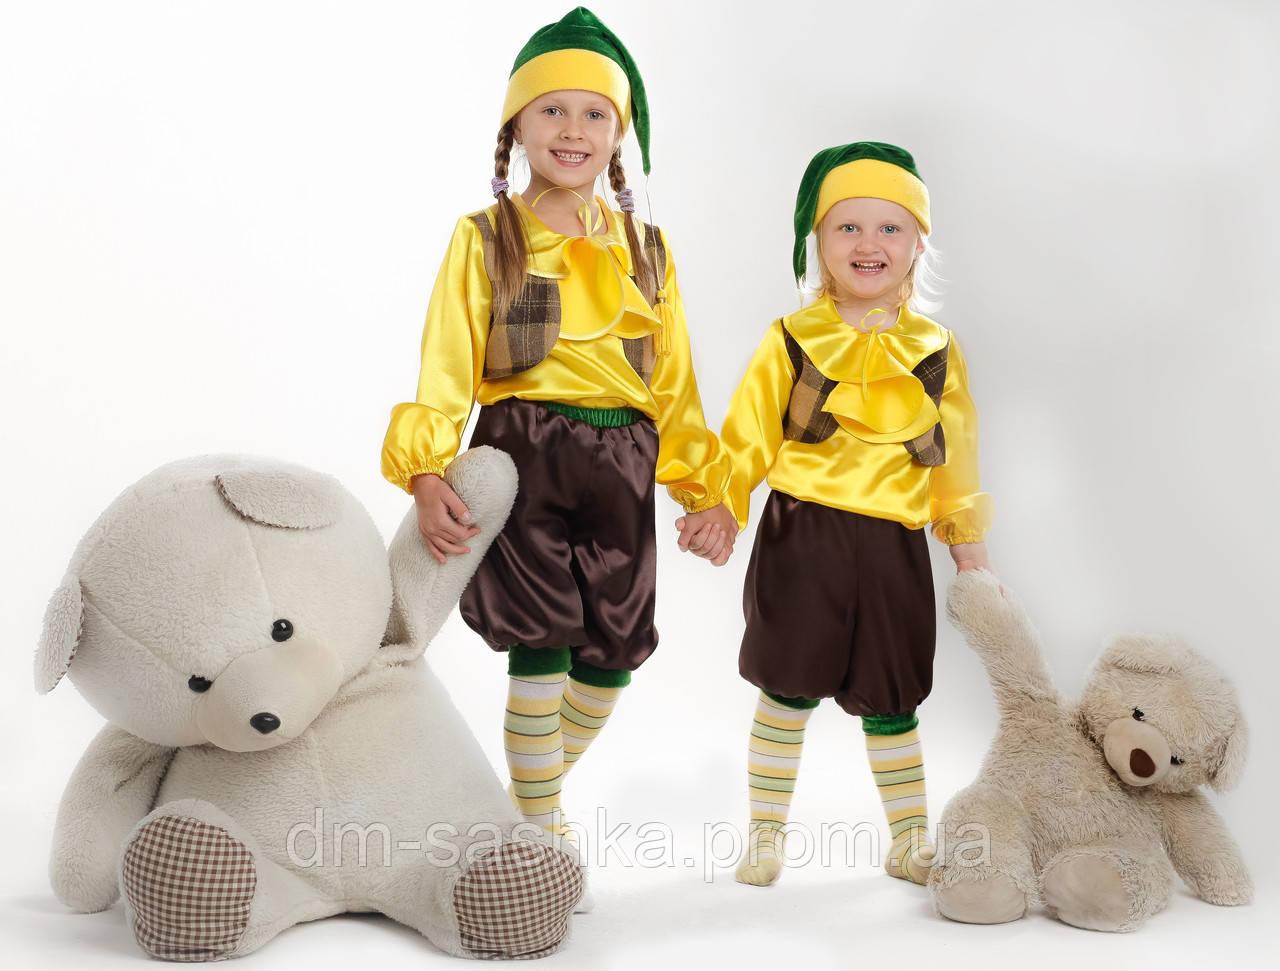 Детский карнавальный костюм ГНОМ 104р.